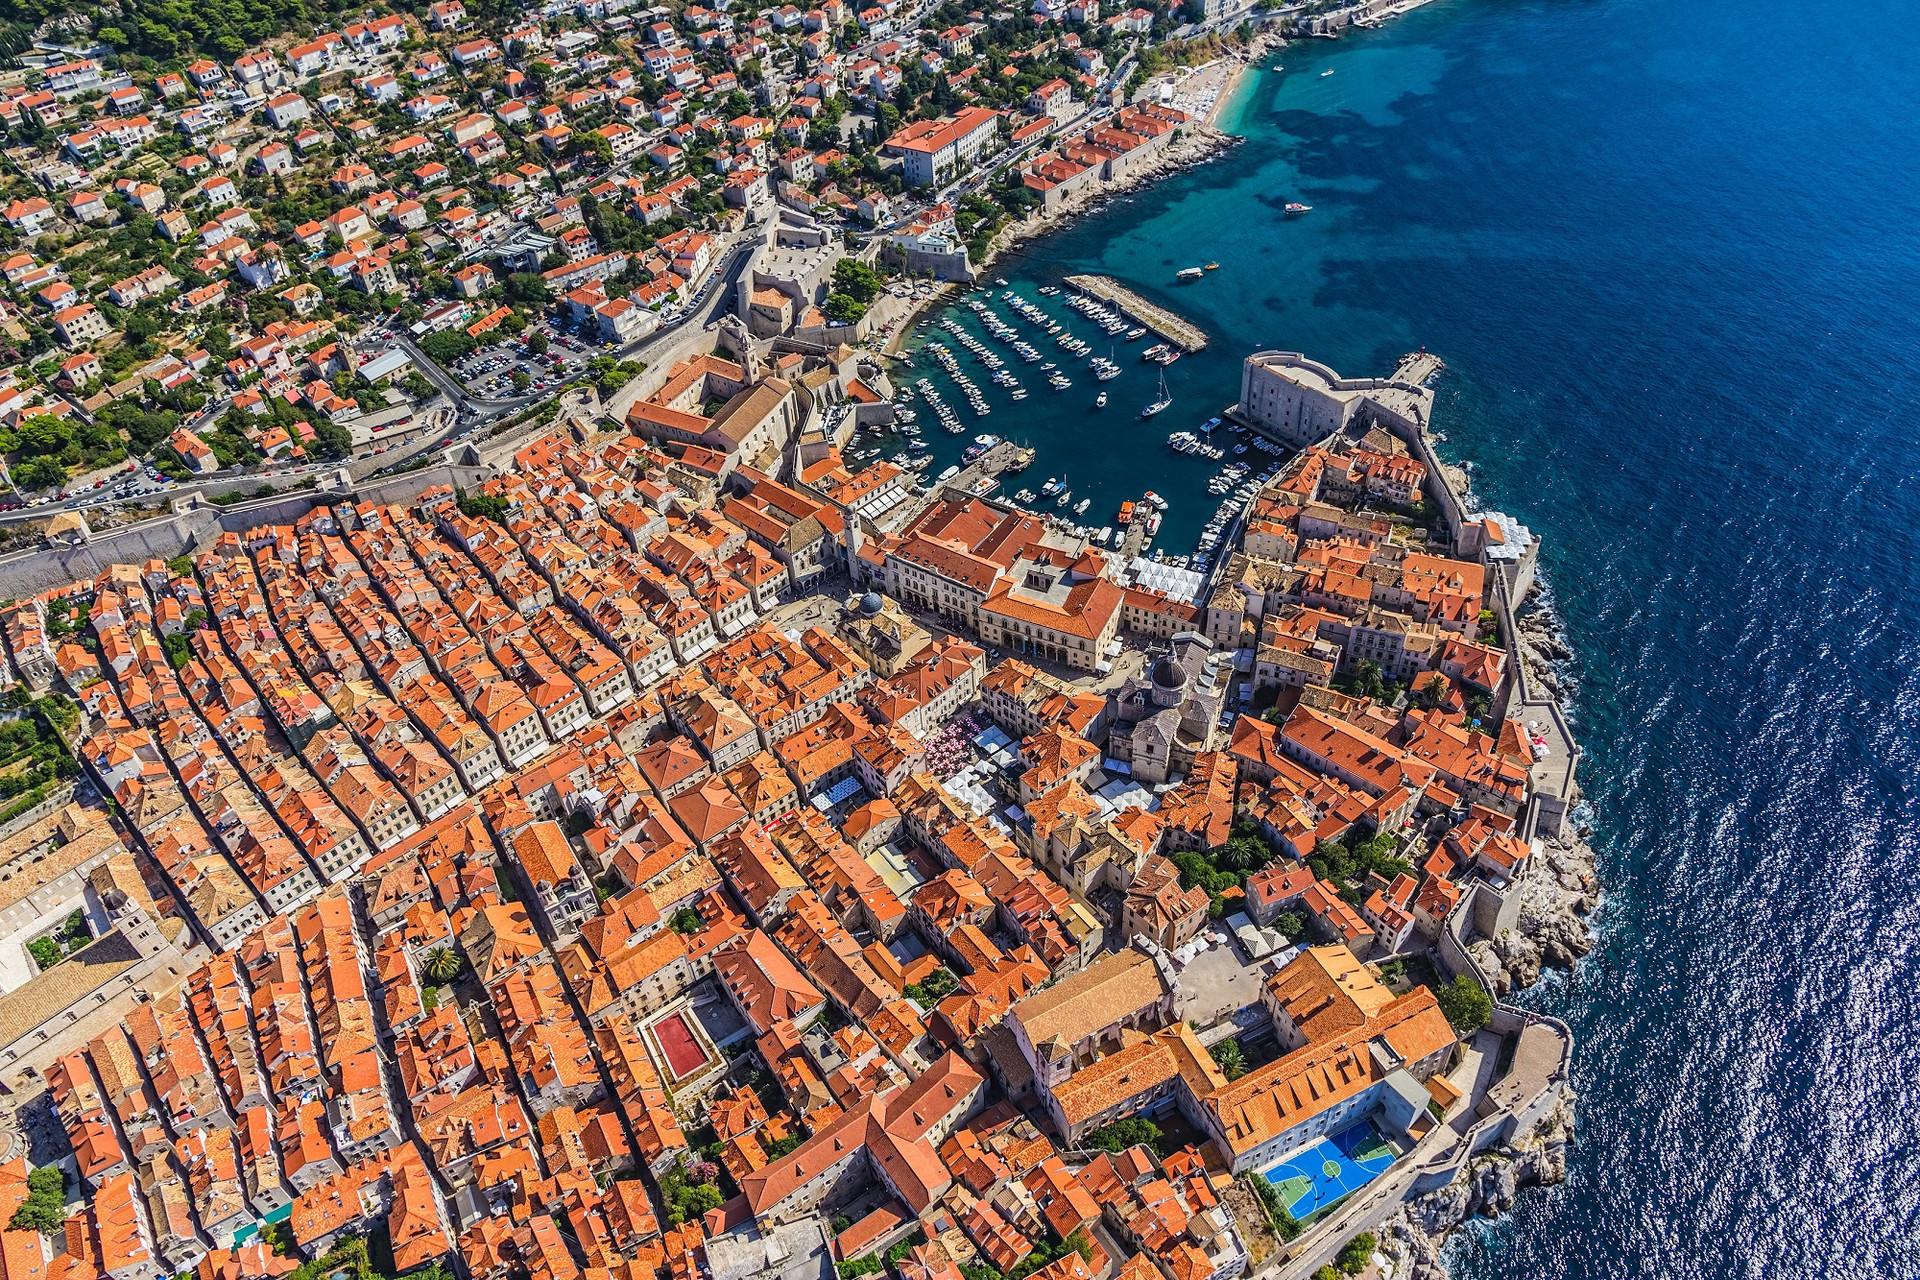 Châu Âu tuyệt đẹp nhìn từ trên cao - 5